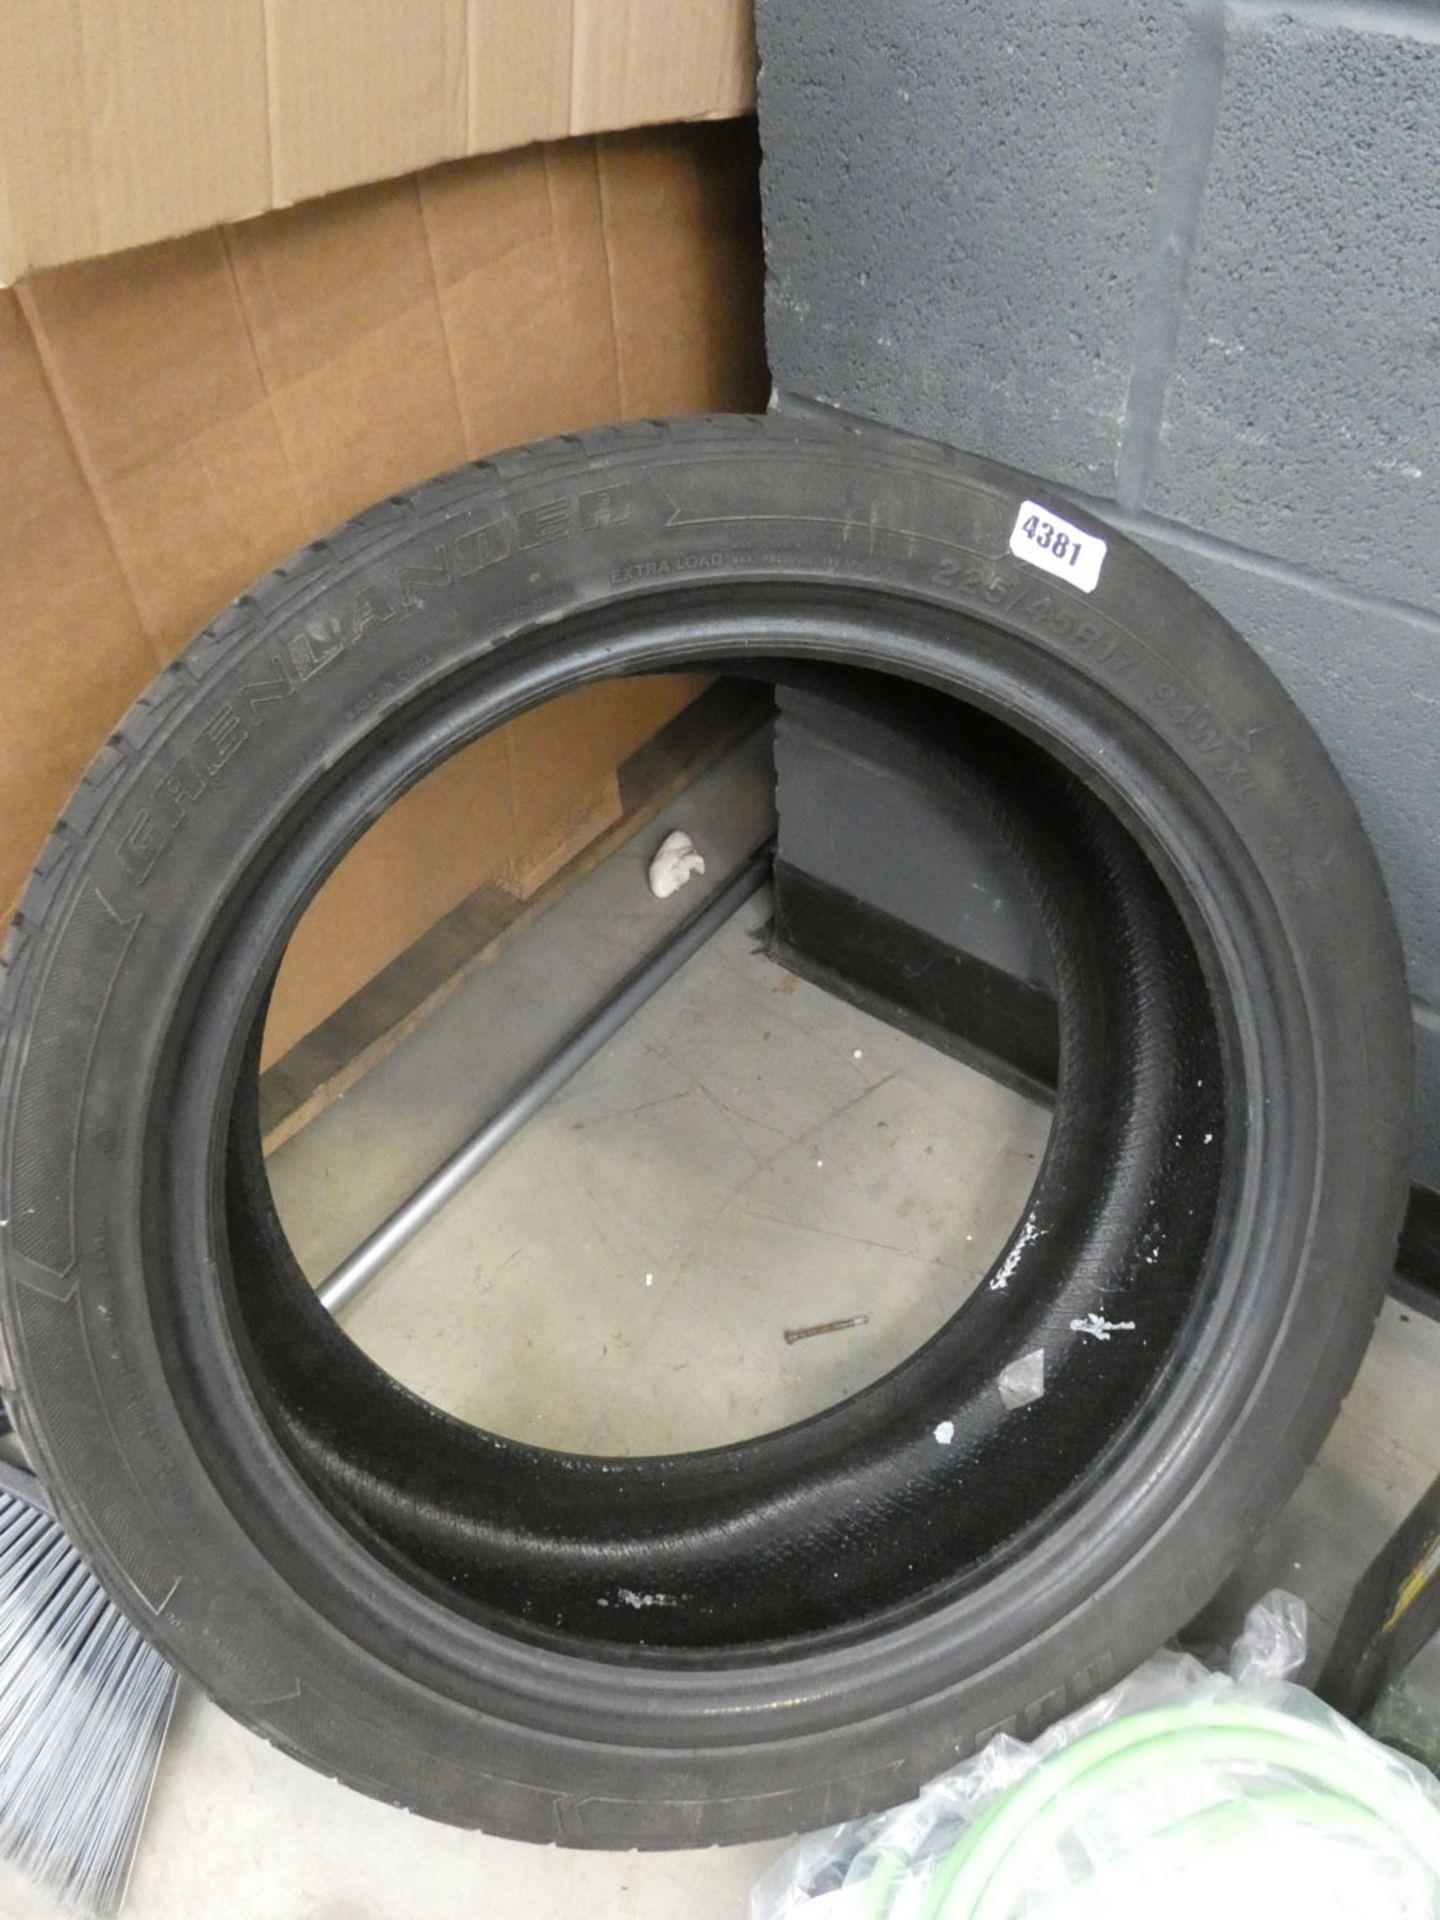 4737 - 225/45/17 tyre